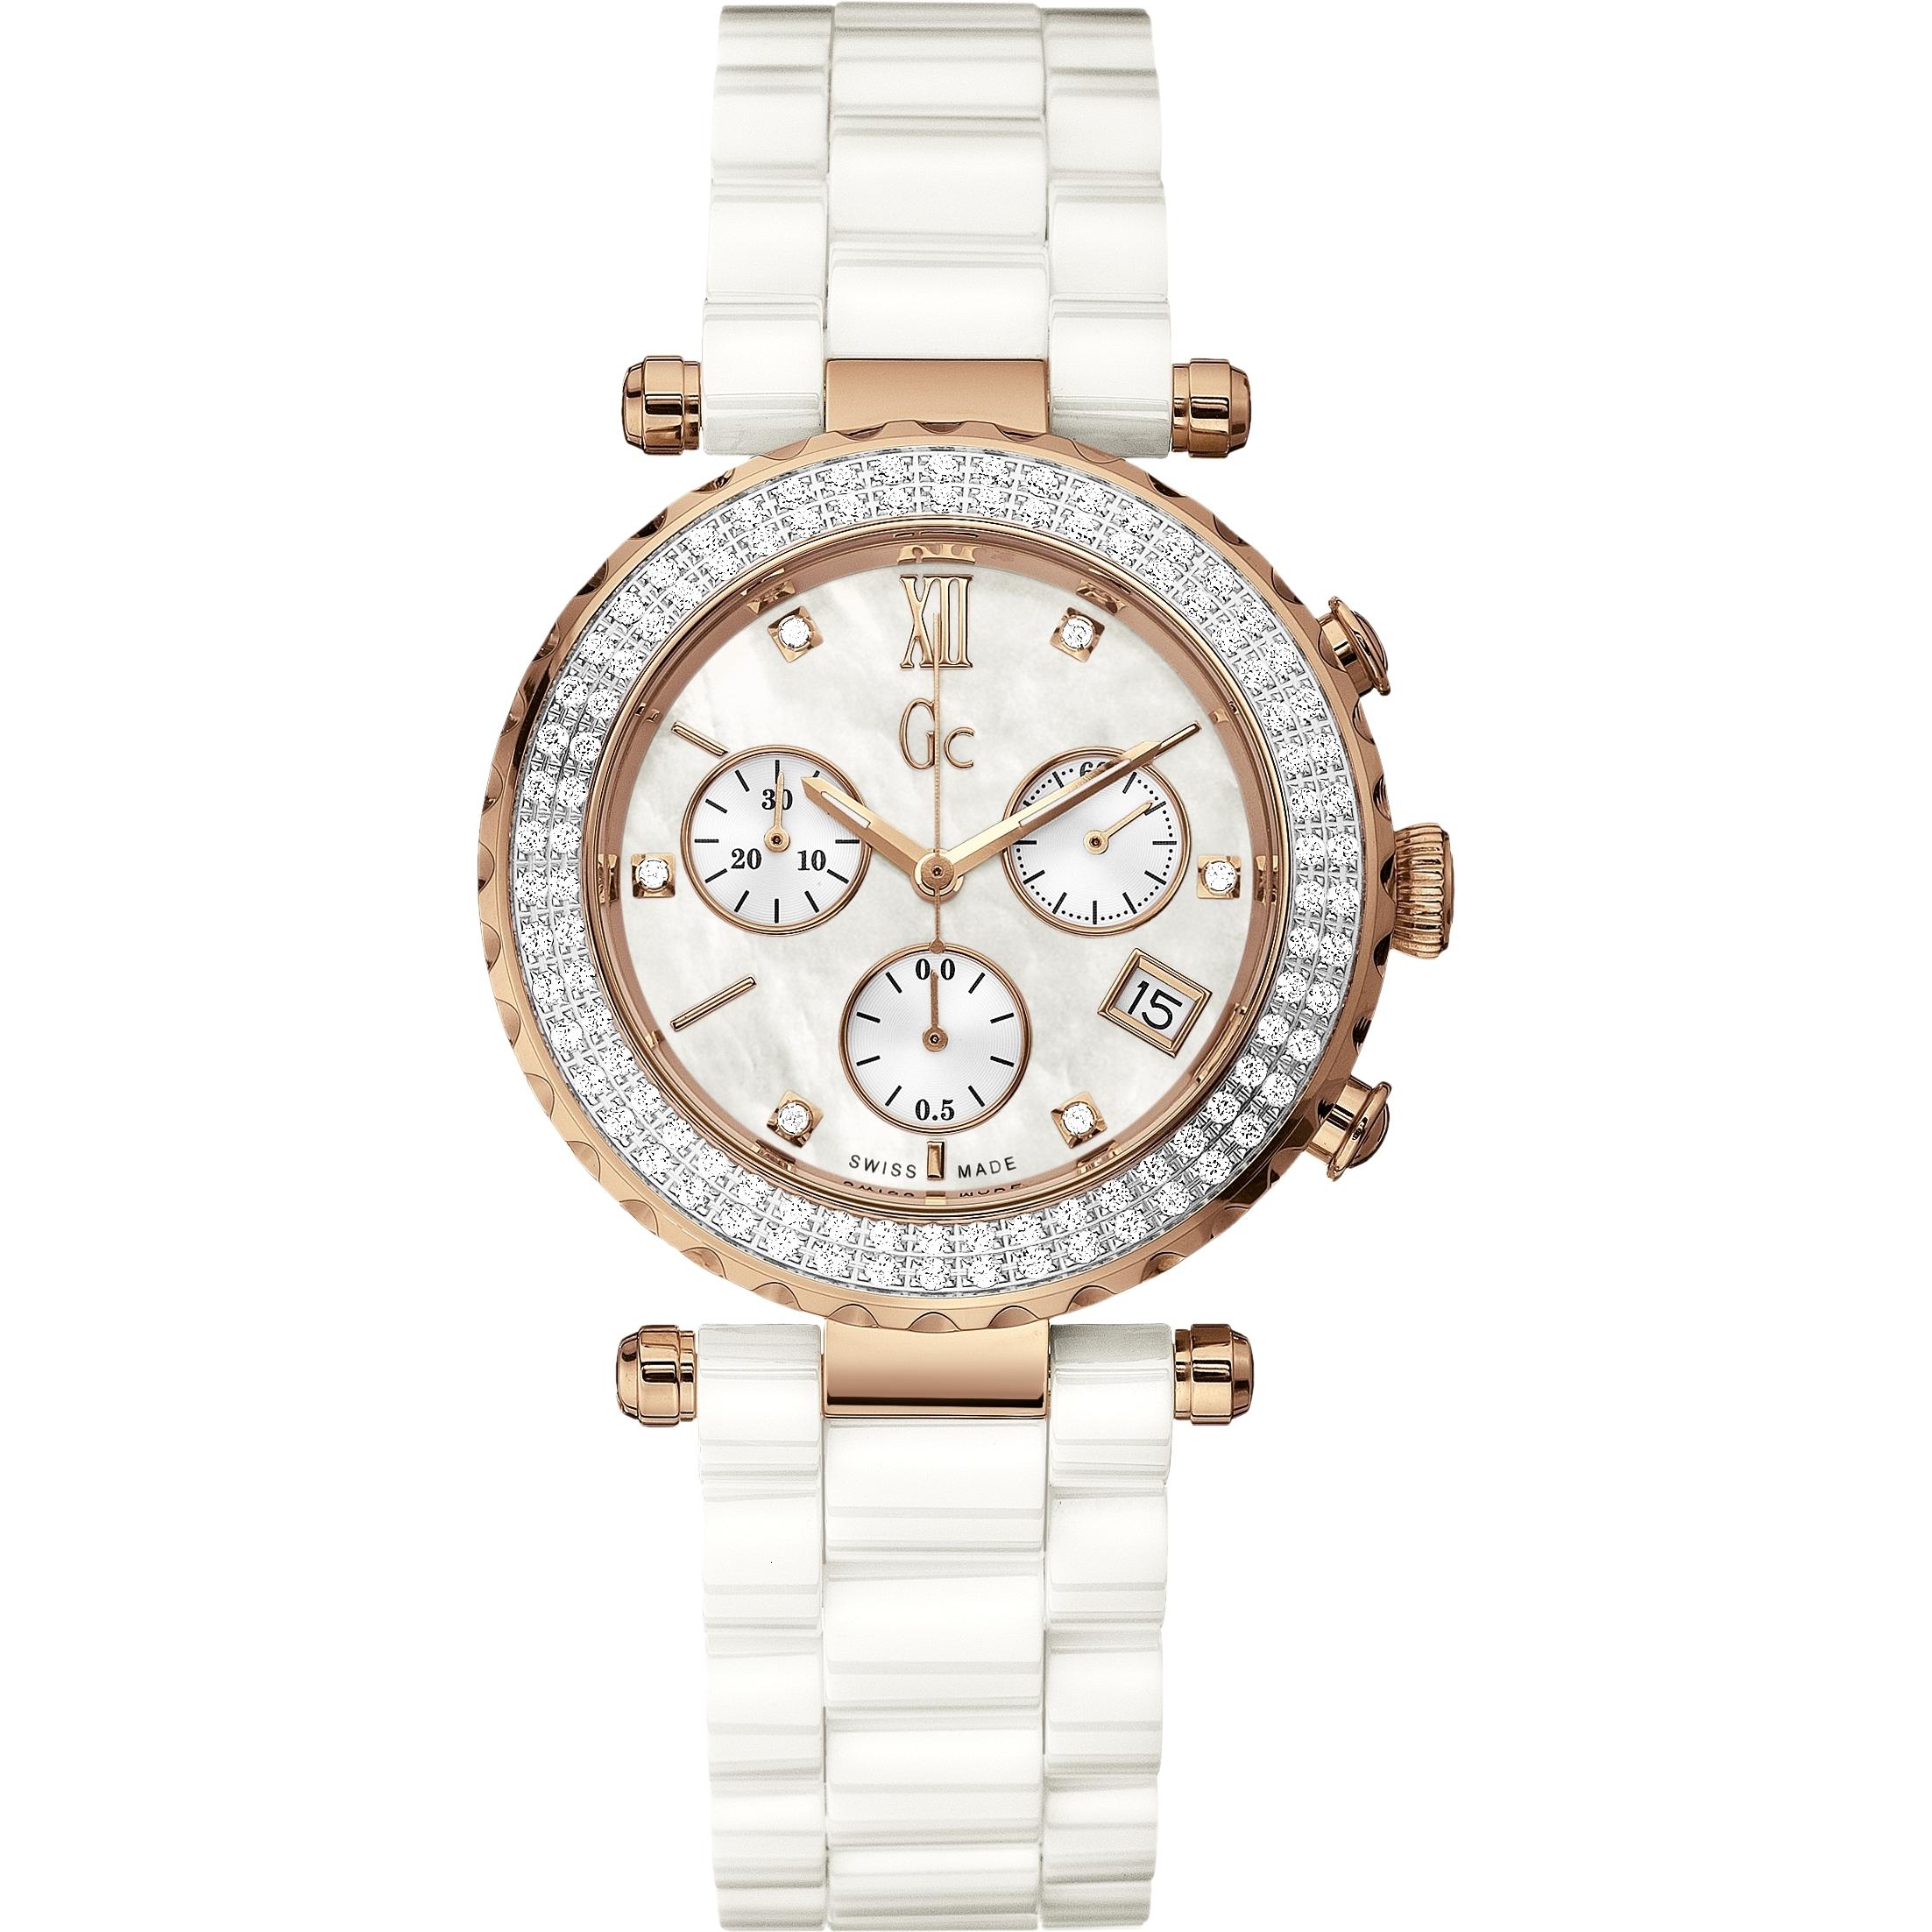 11c5d346e Ladies Gc Diver Chic Chronograph Watch (A22104M1) | WatchShop.com™